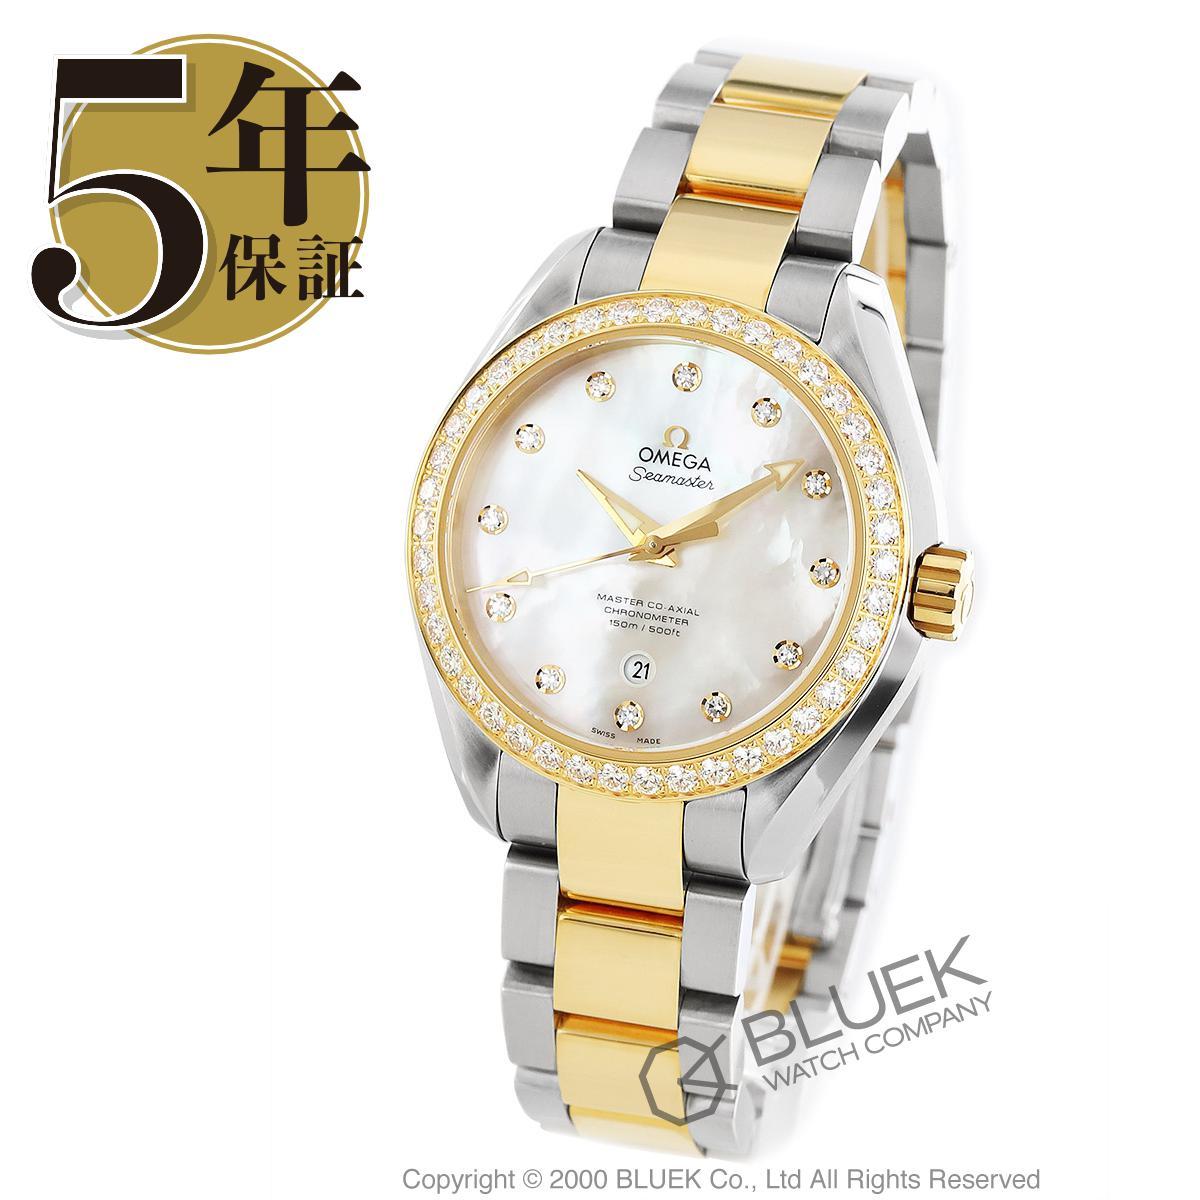 オメガ シーマスター アクアテラ ダイヤ 腕時計 レディース OMEGA 231.25.34.20.55.006_5